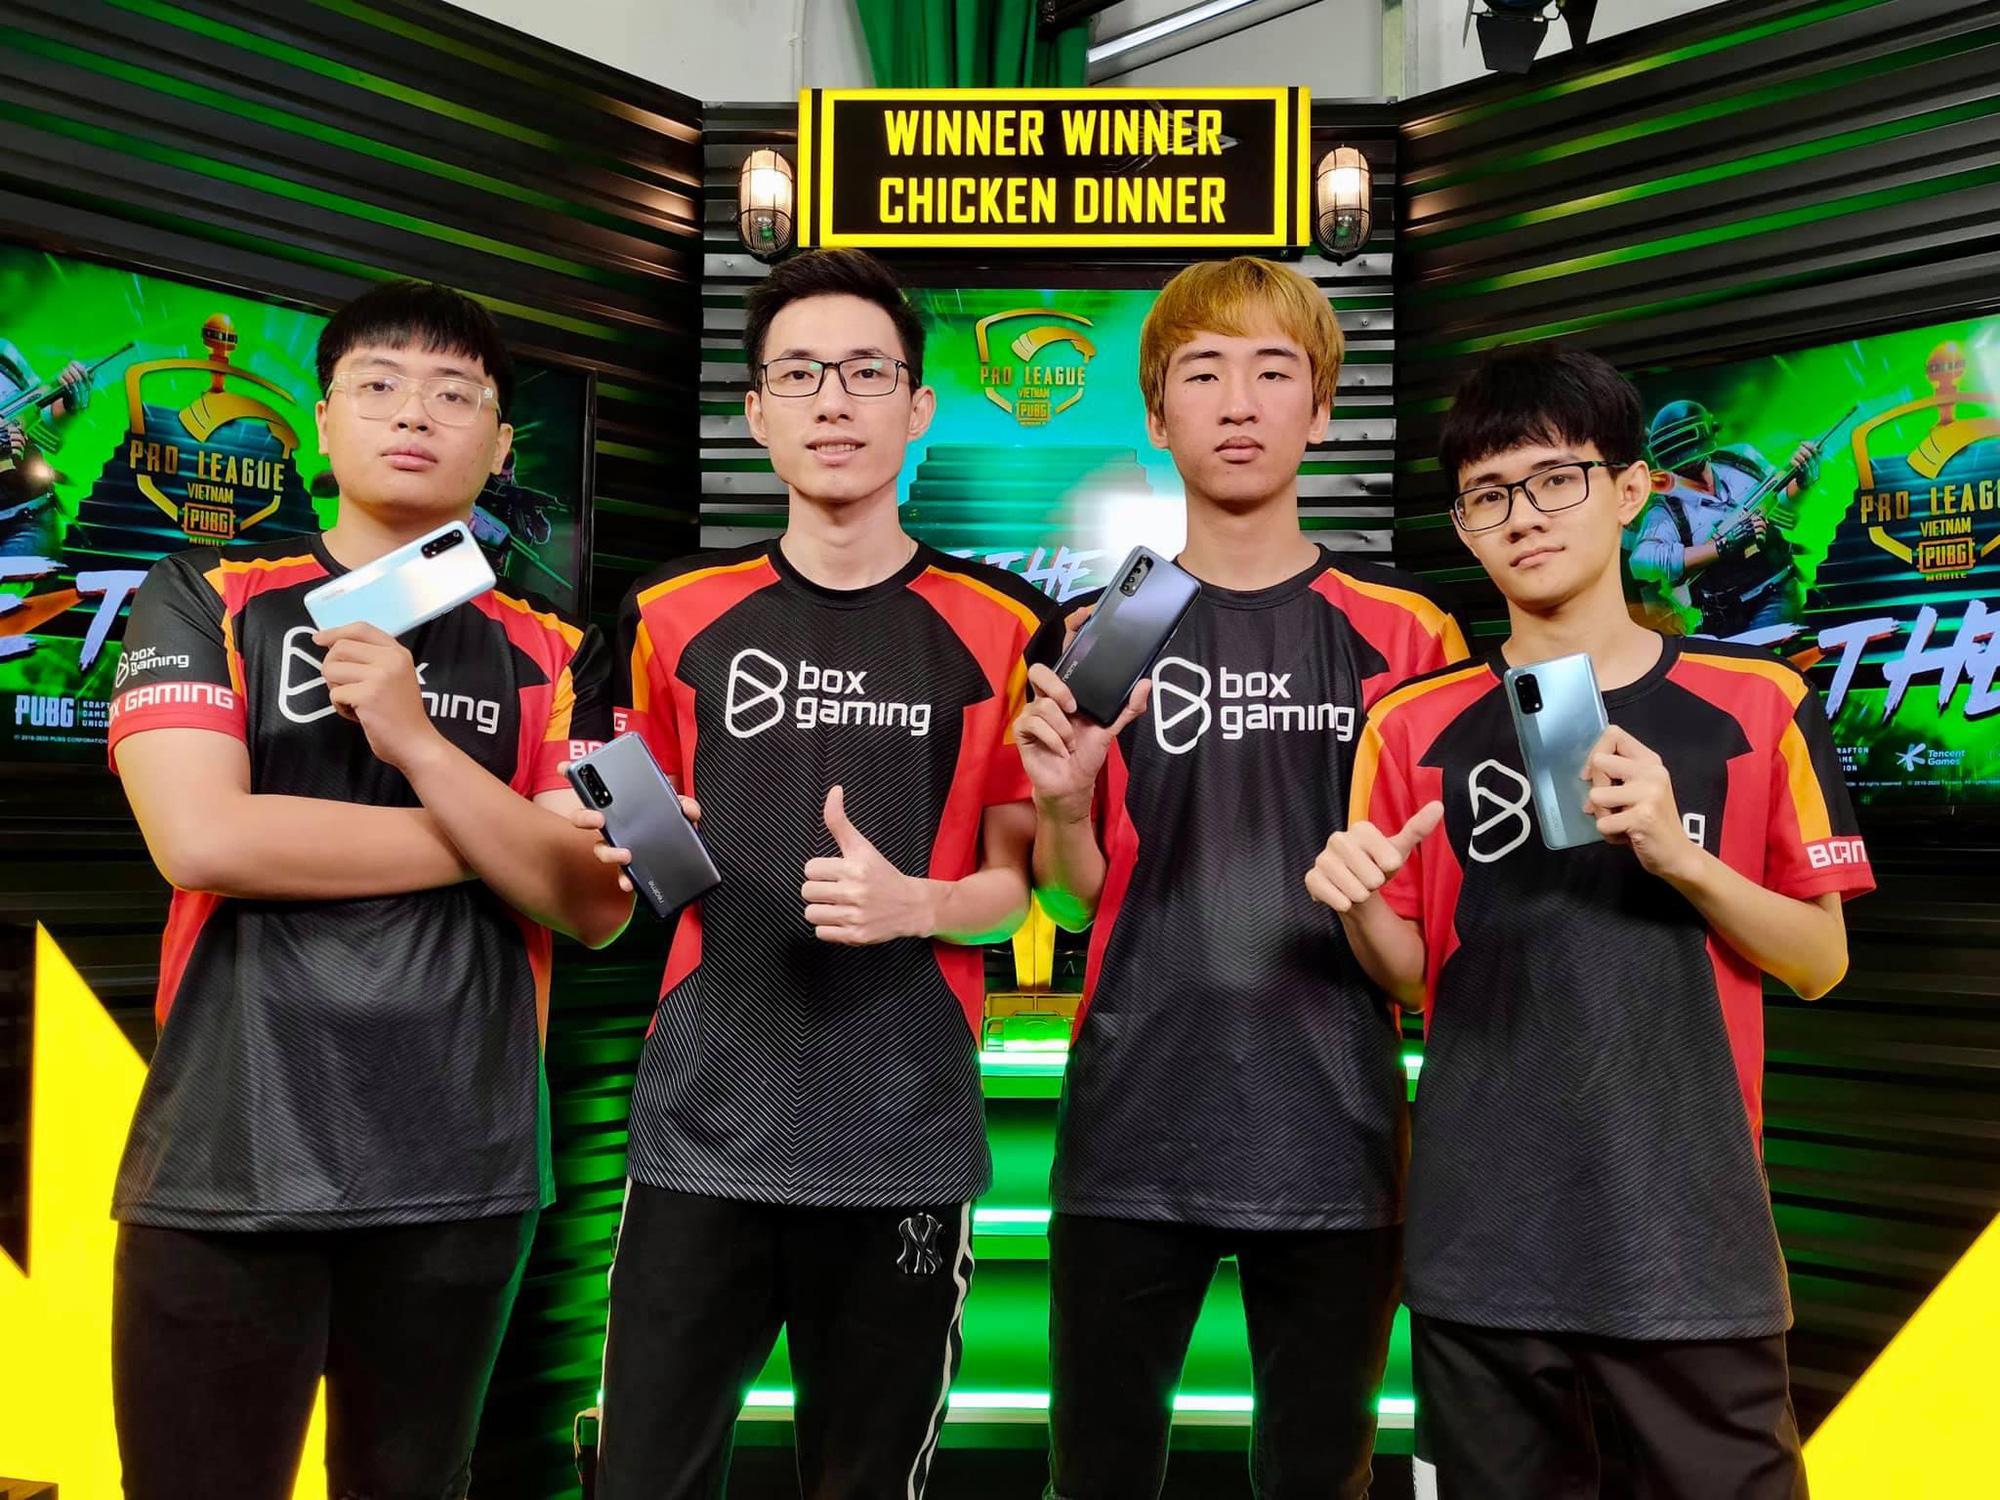 """Phỏng vấn caster Huy Lova trước giờ G Chung kết PMPL VN S2: """"Khả năng giữ được ngôi vương của BOX Gaming không cao"""" - Ảnh 3."""